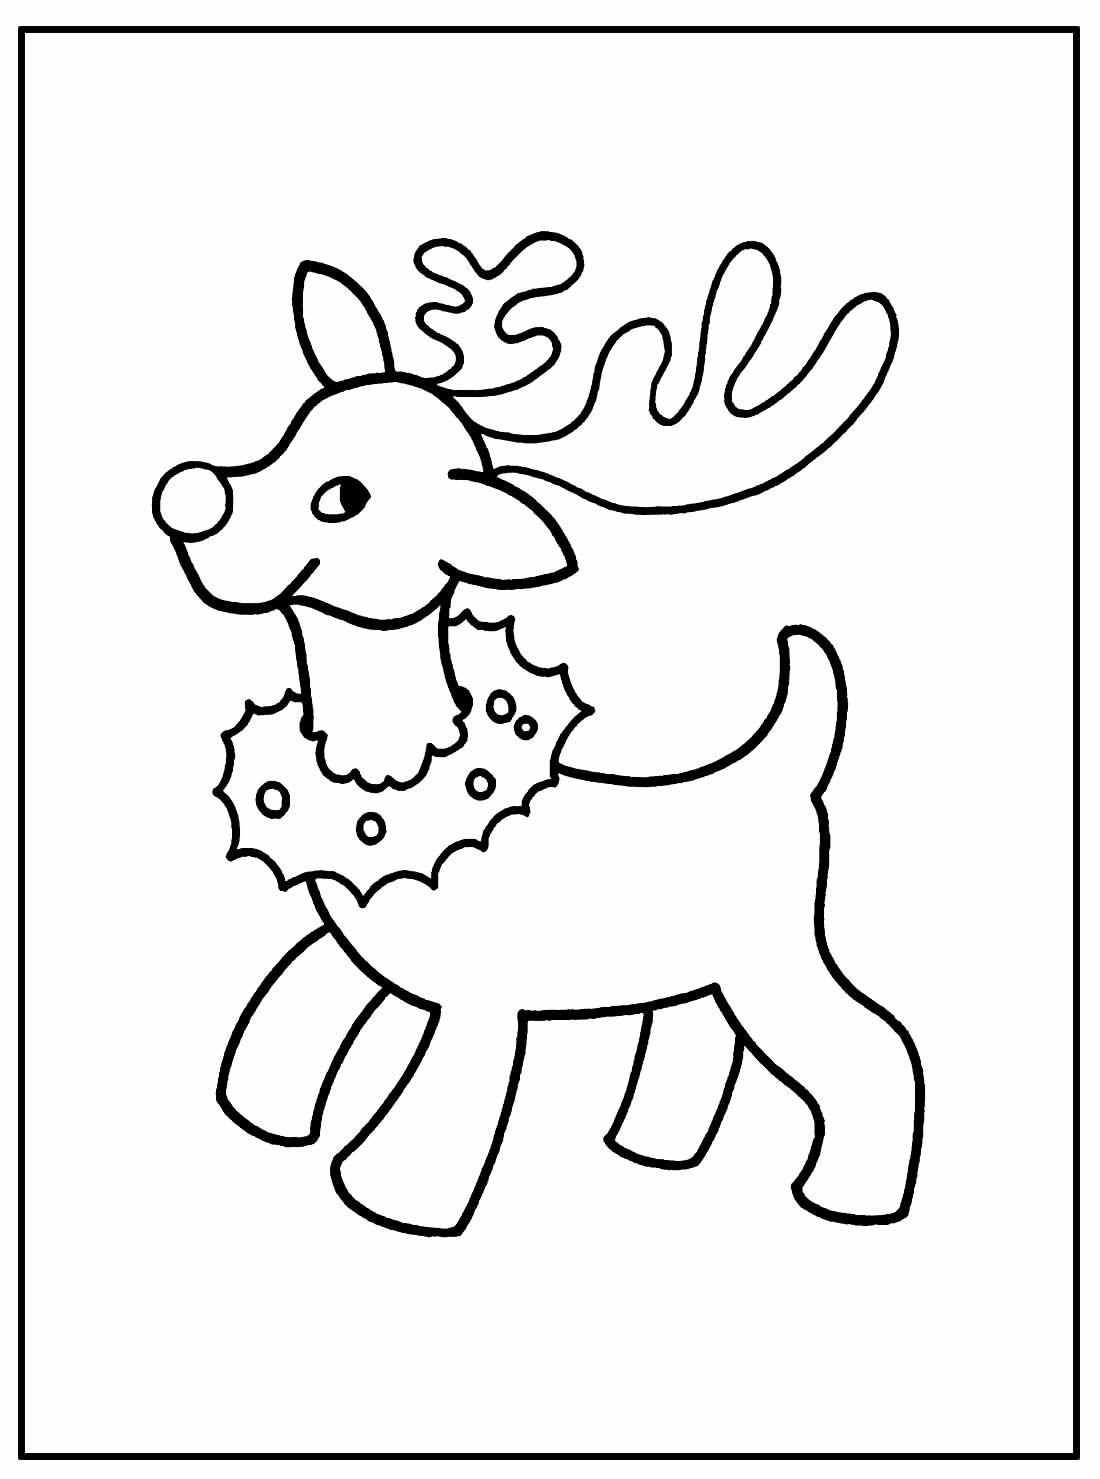 Desenhos para colorir de Renas